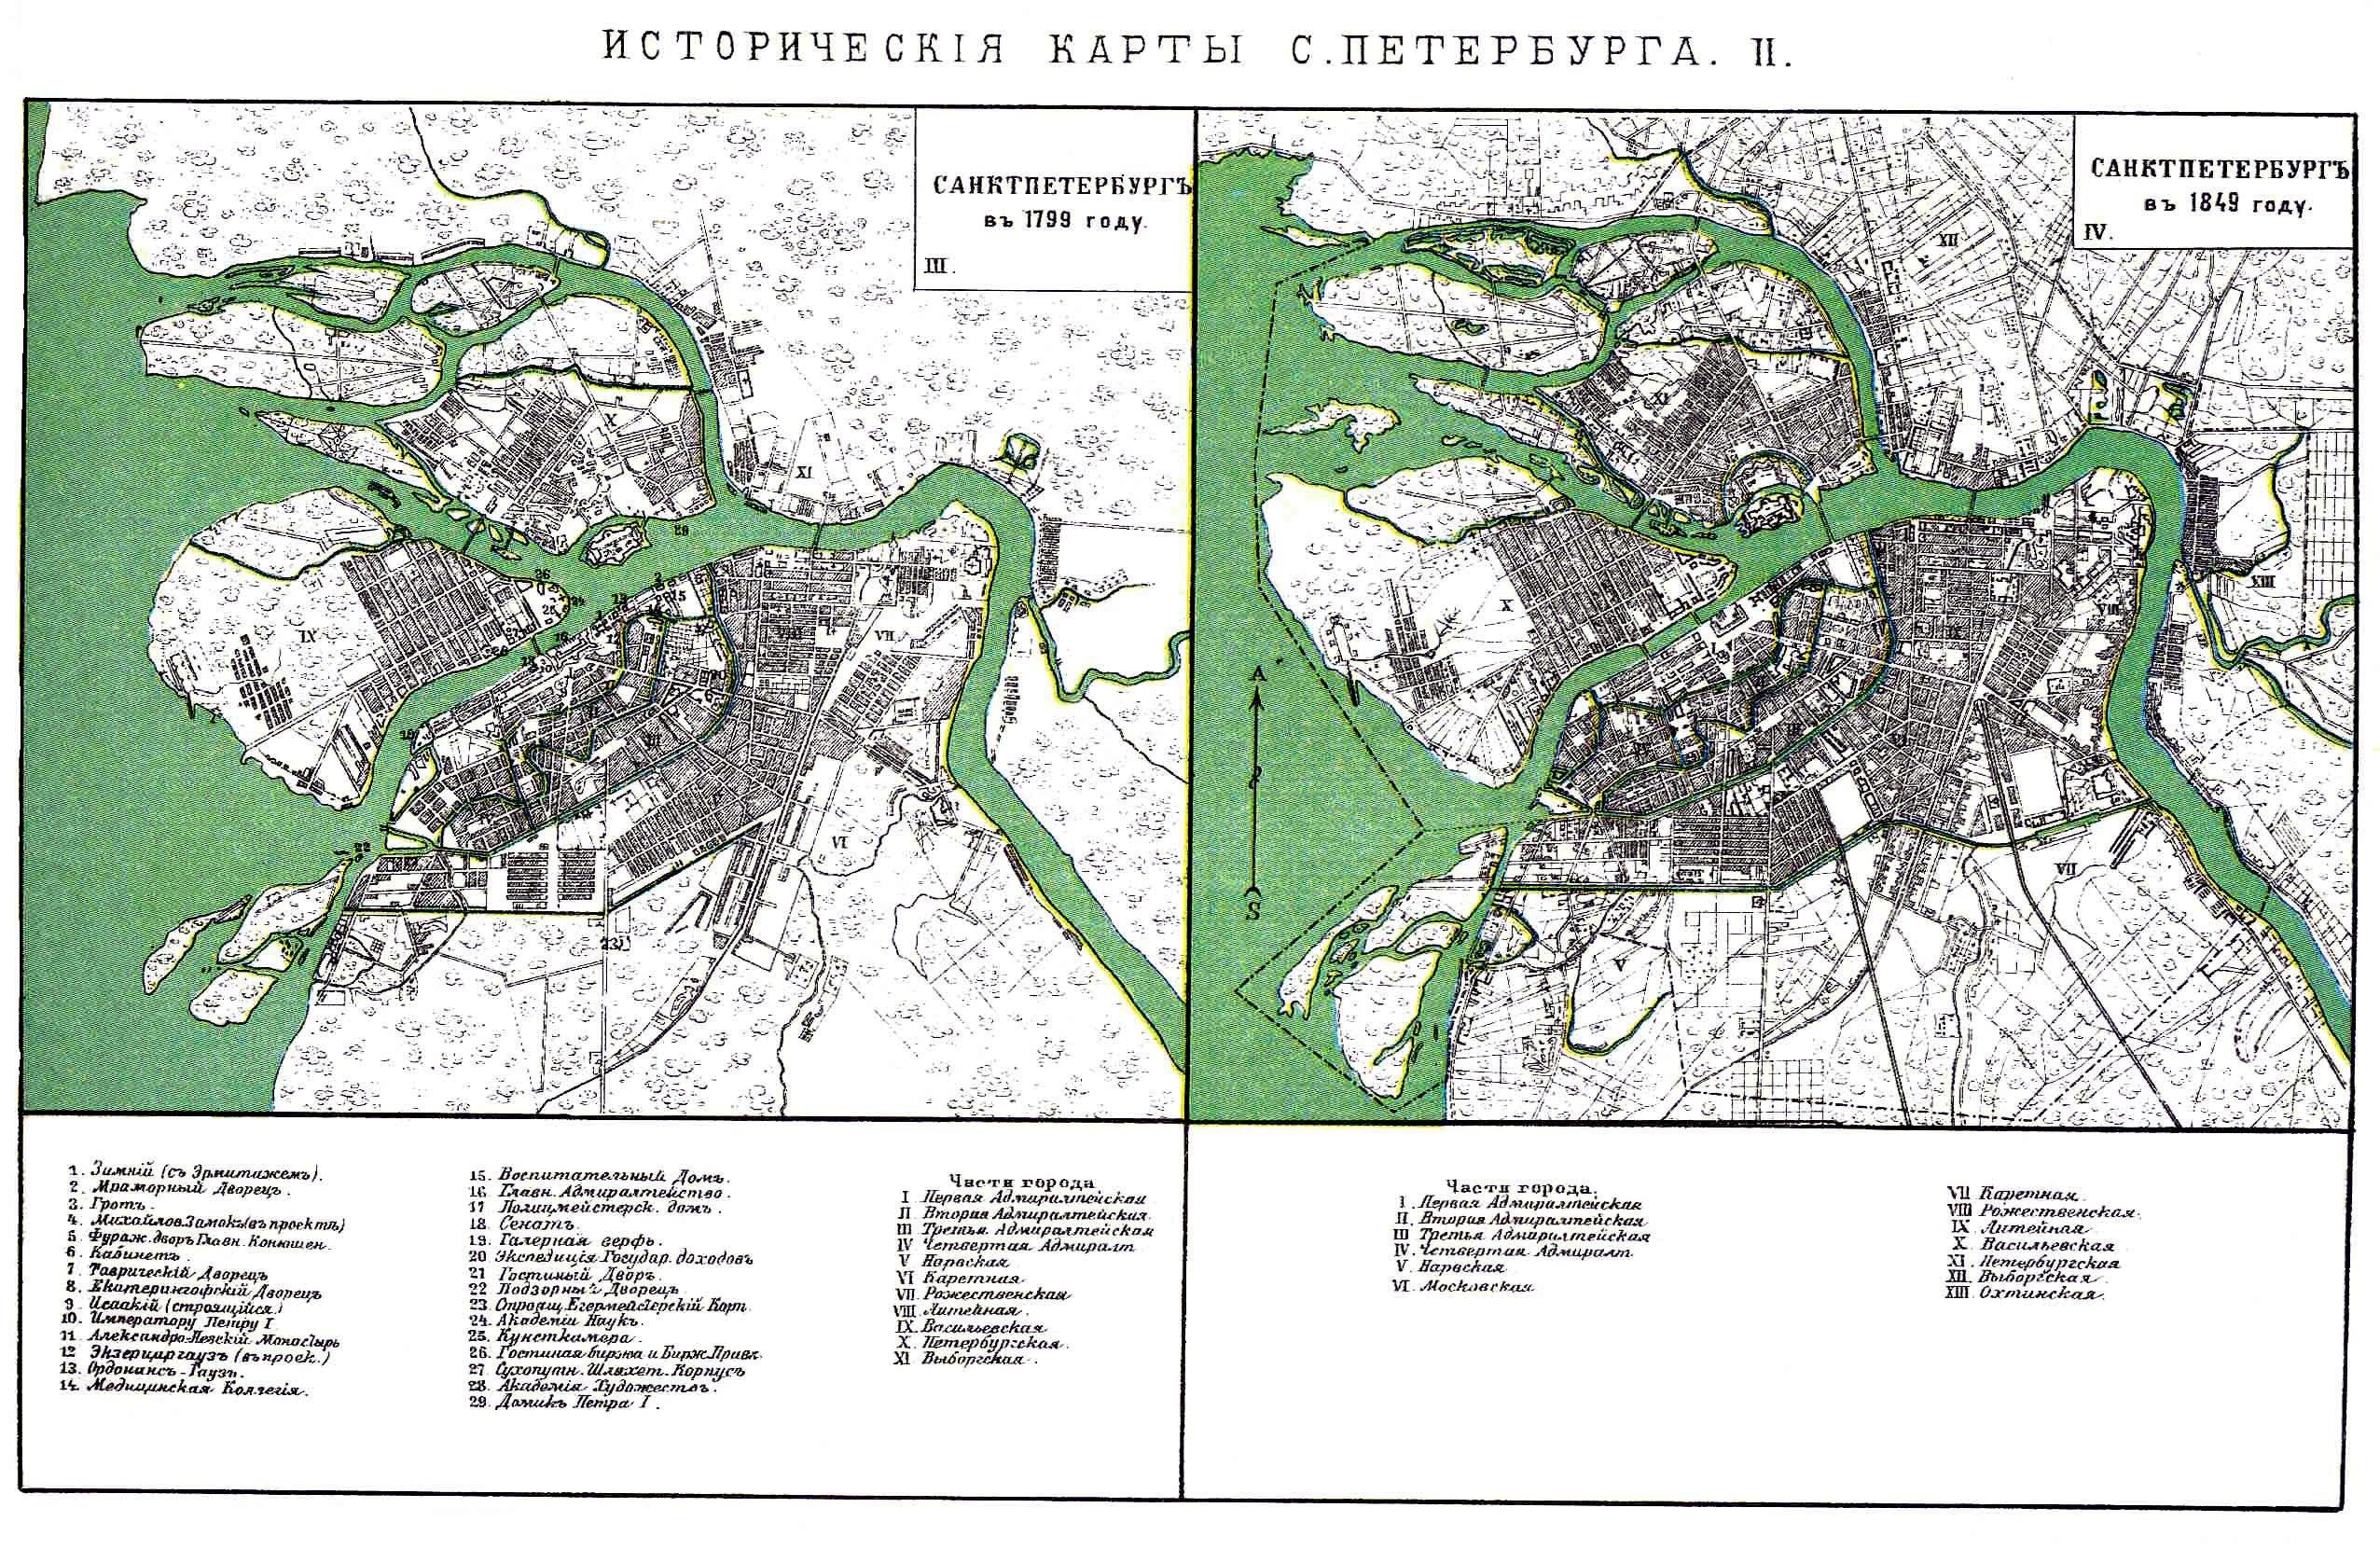 Исторические карты Северной столицы СПб, древние карты, карты, карты Питера, редкие карты, санкт-петербург